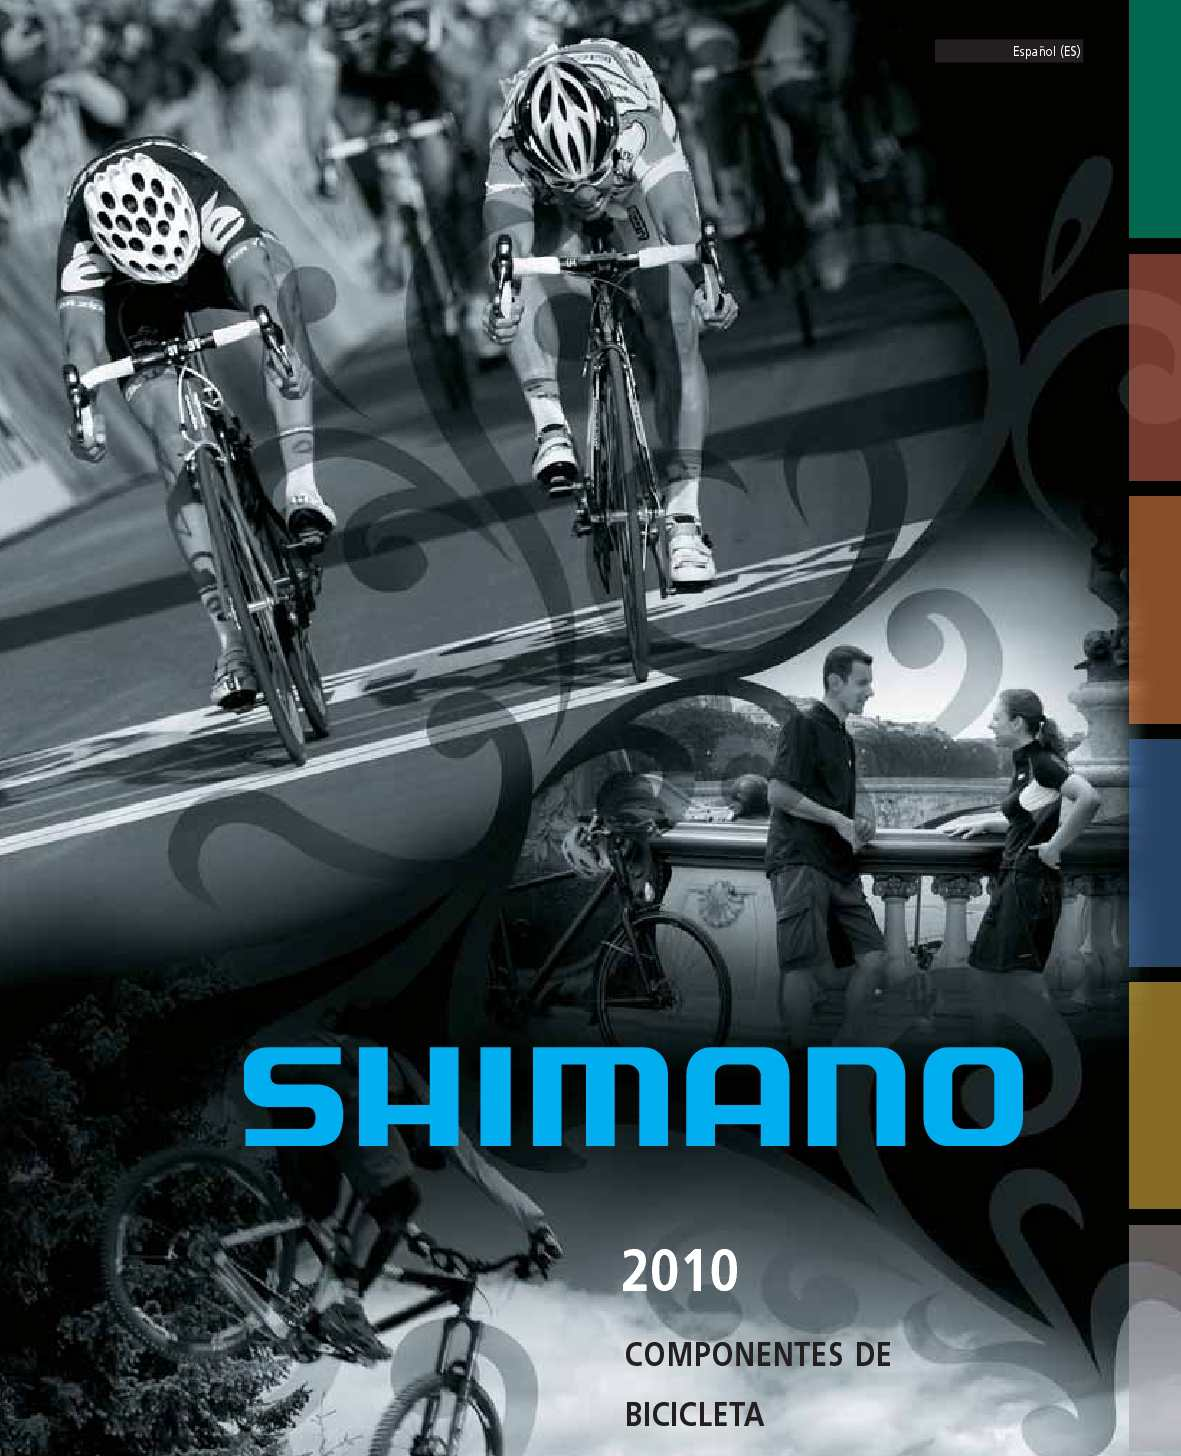 Calaméo - CATALAGO SHIMANO 2010